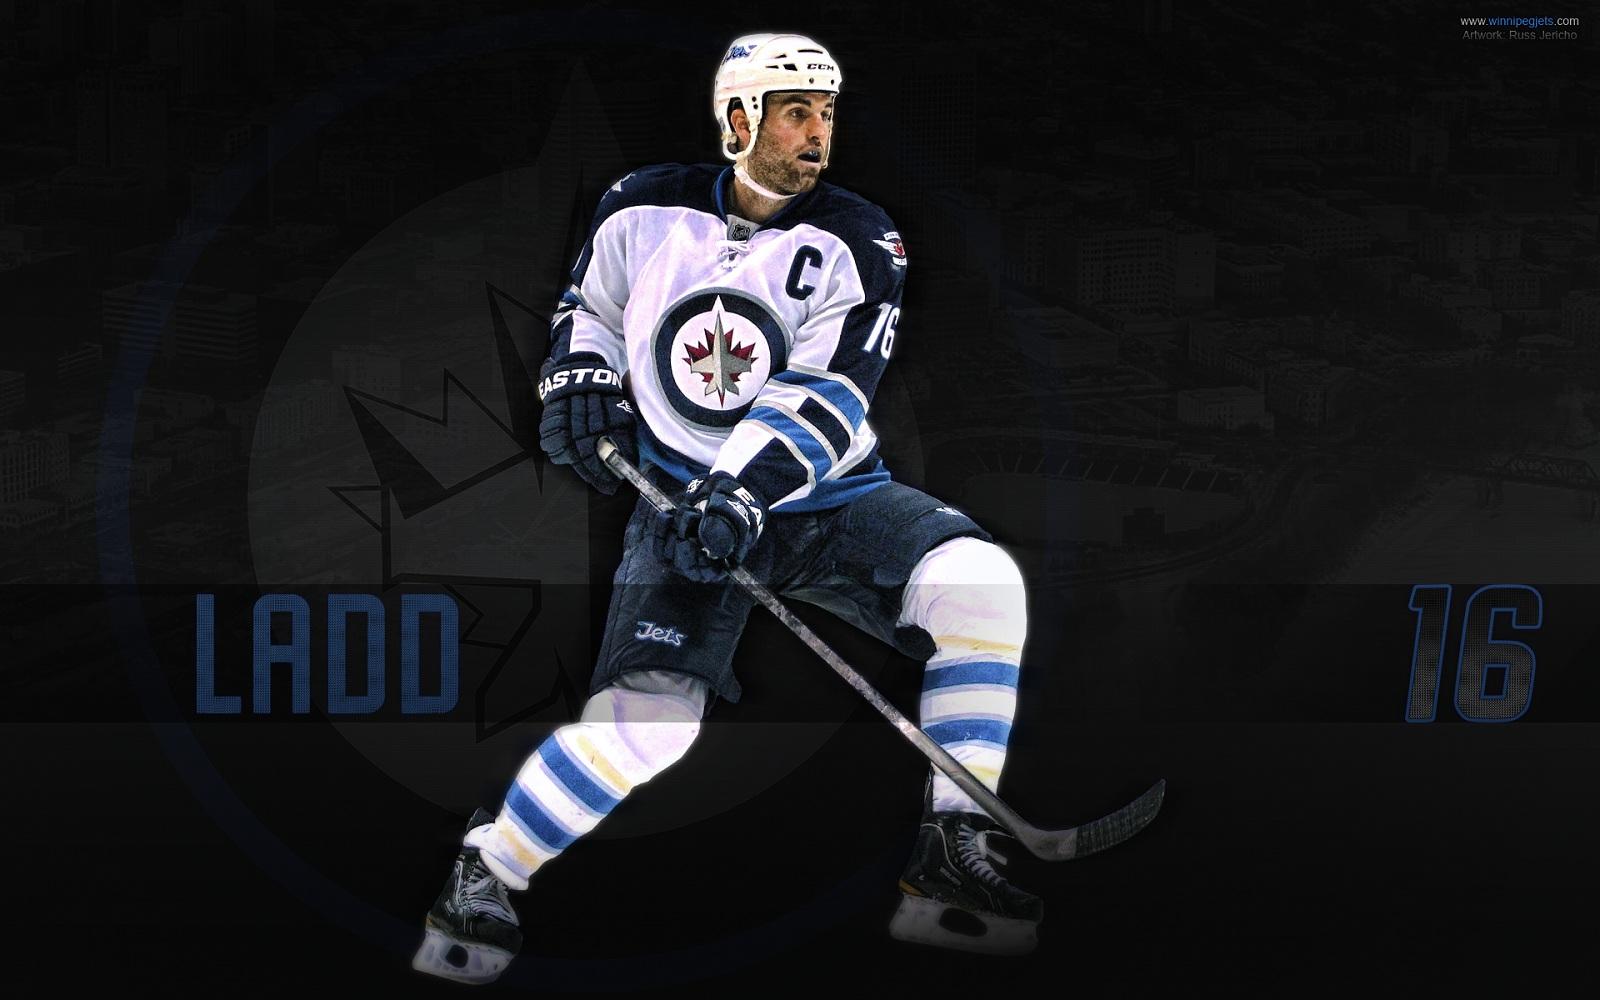 Andrew Ladd Winnipeg Jets Wallpaper 16001000 183010 HD Wallpaper 1600x1000